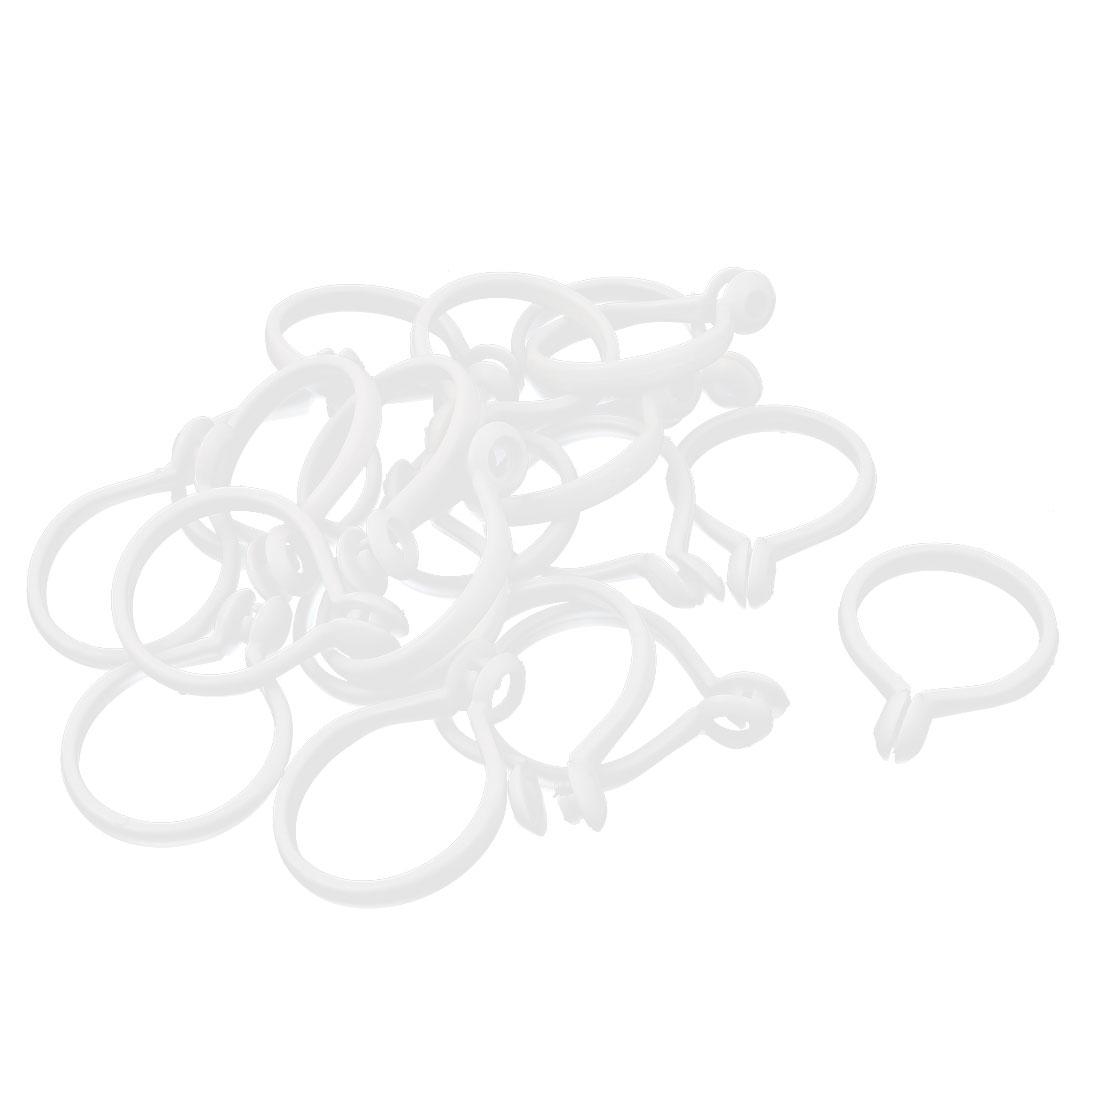 White Plastic Window Curtain Drapery Shower Sliding Eyelet Hooks Rings 20Pcs